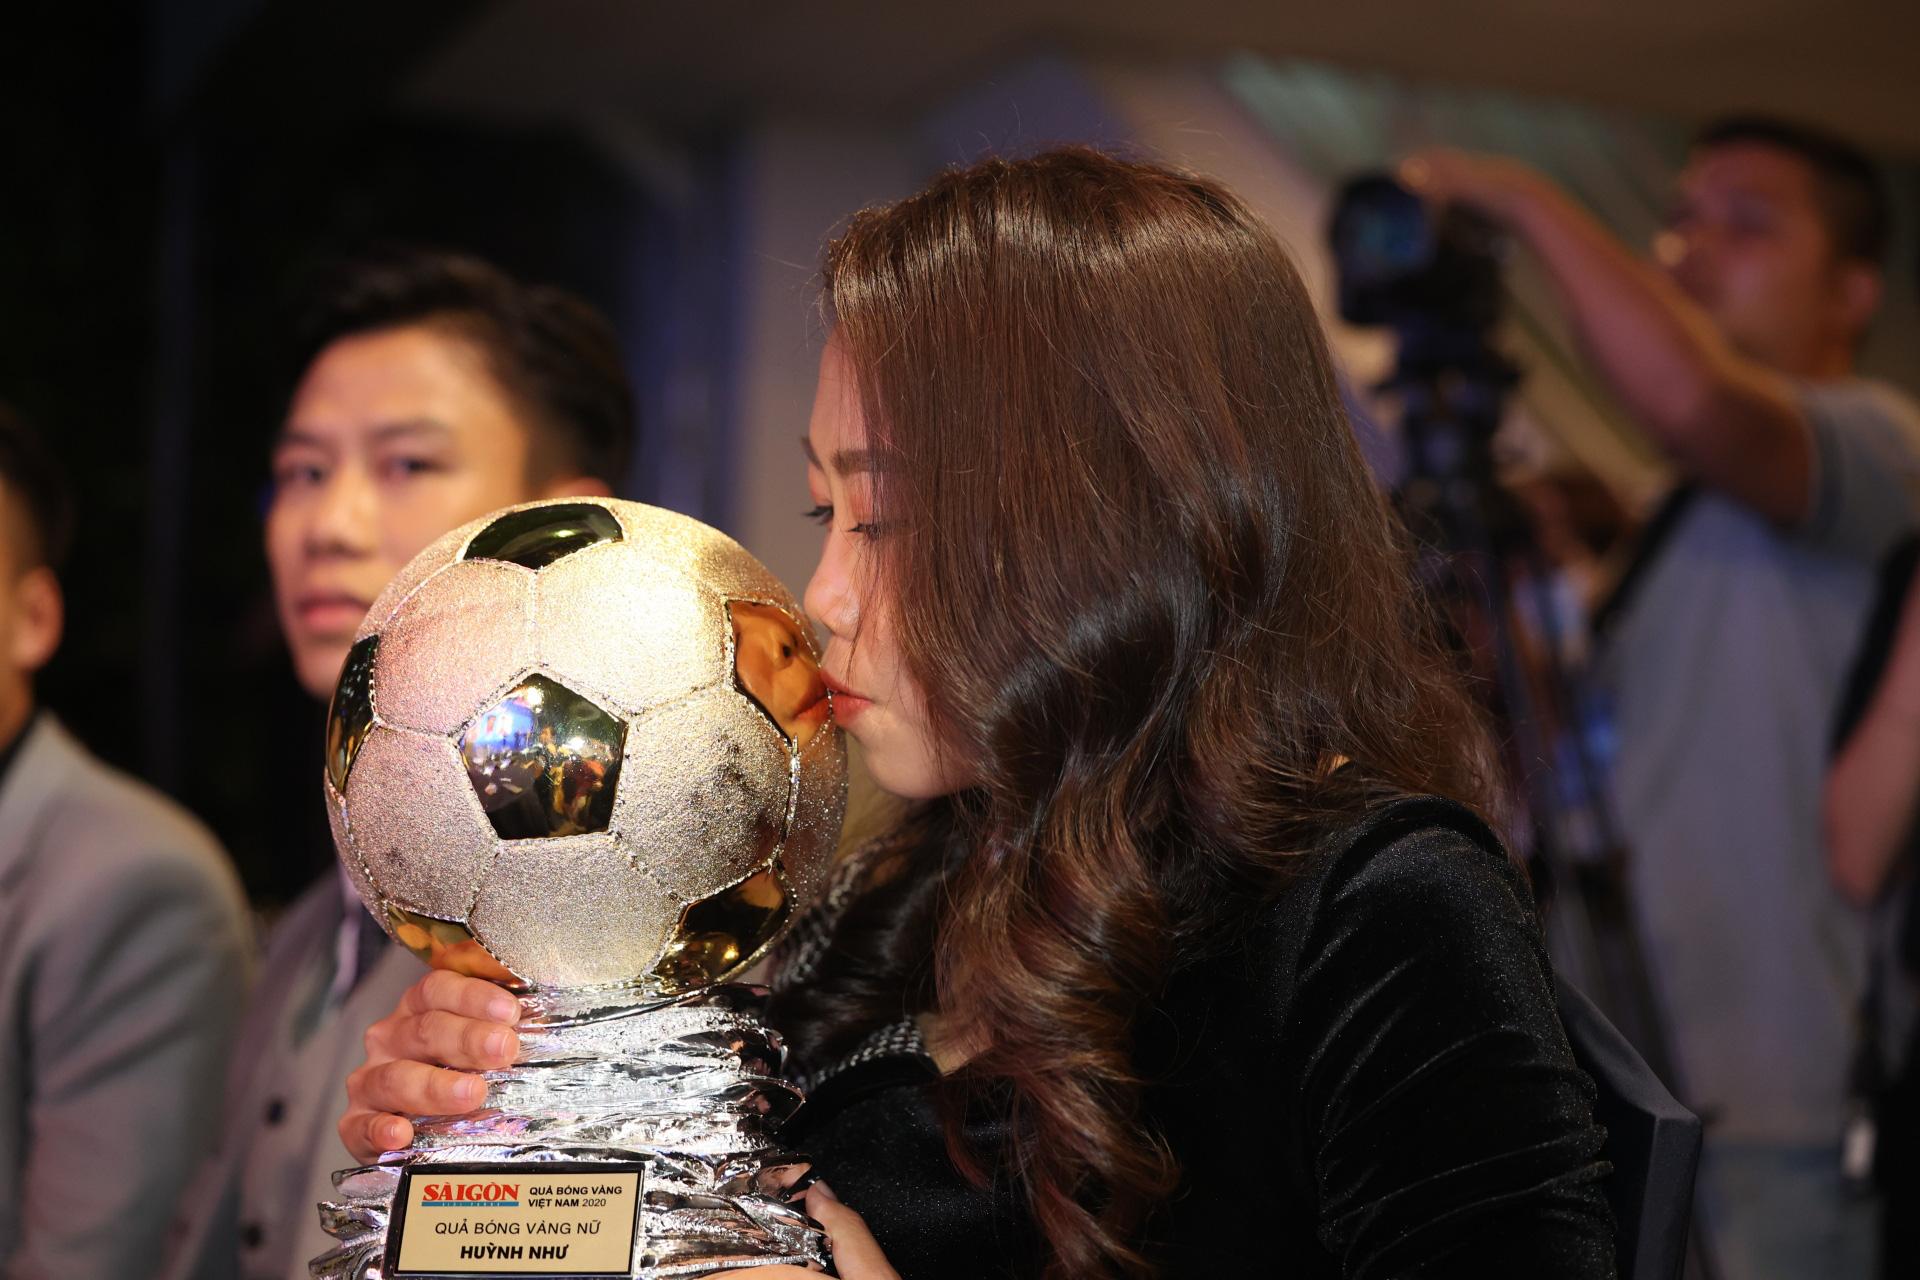 Quả Bóng Vàng Việt Nam tan vỡ giấc mơ chơi bóng tại châu Âu - Ảnh 1.